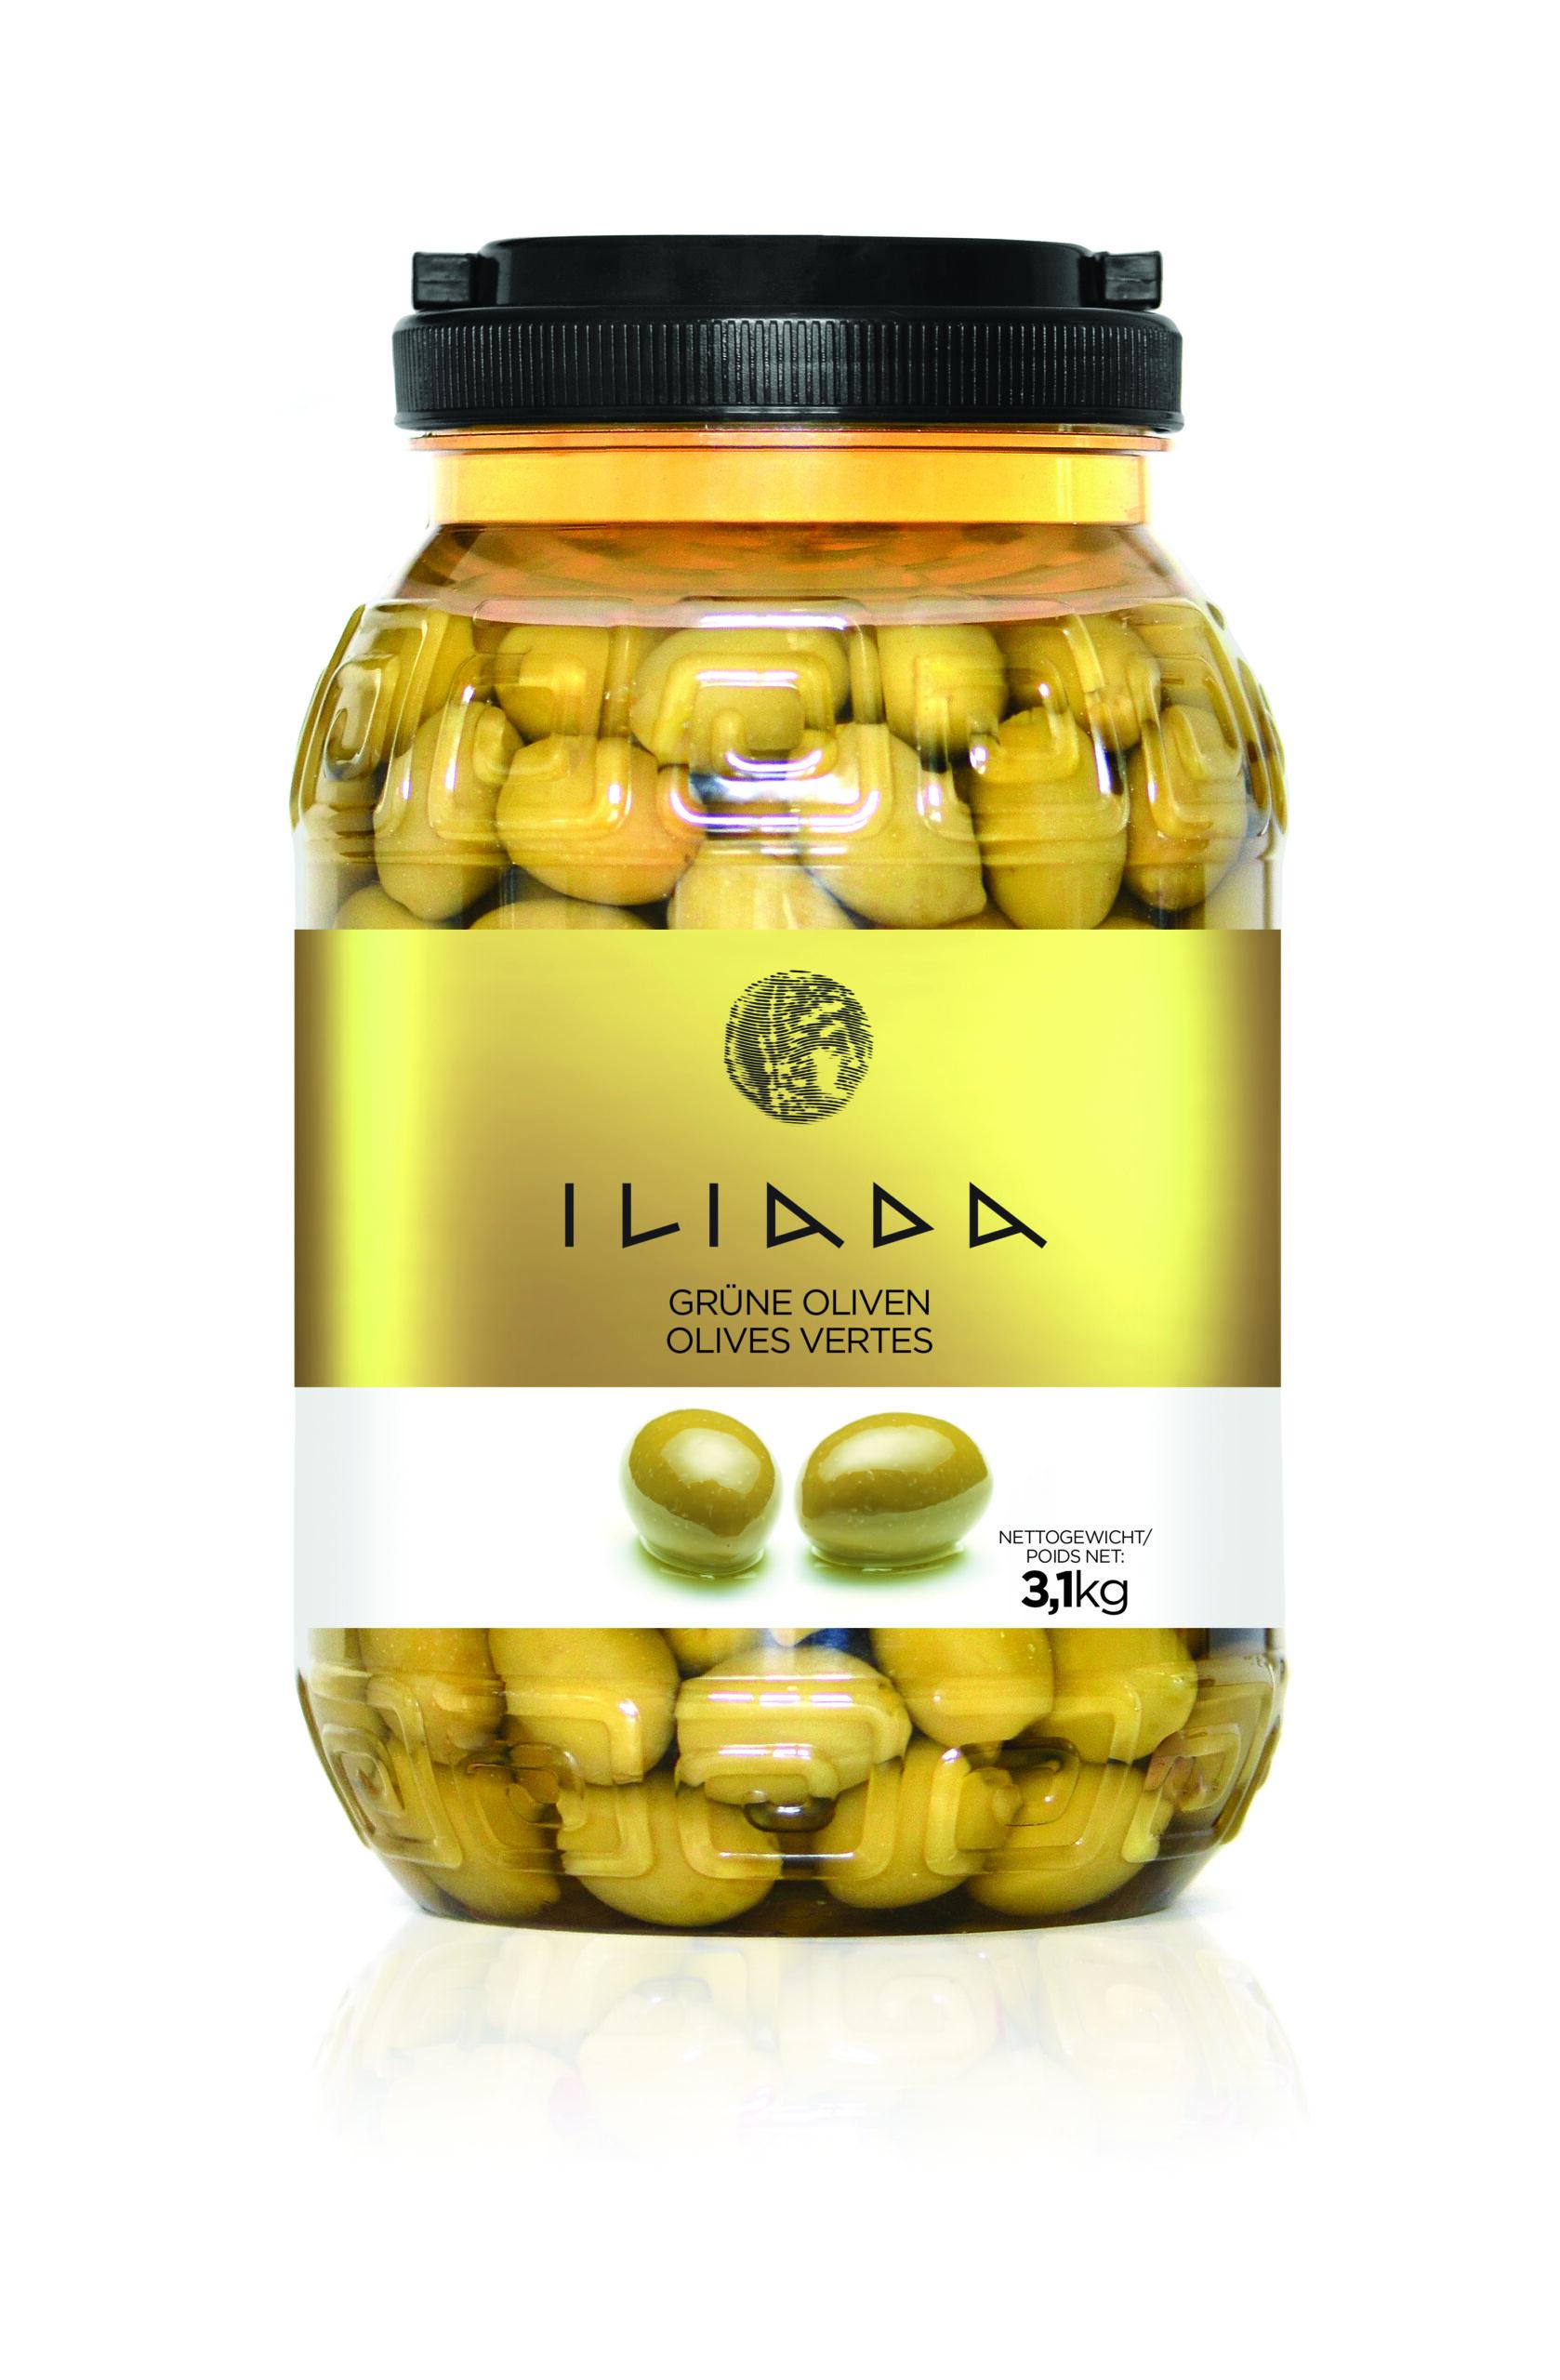 Grønne oliven i solsikkeolie